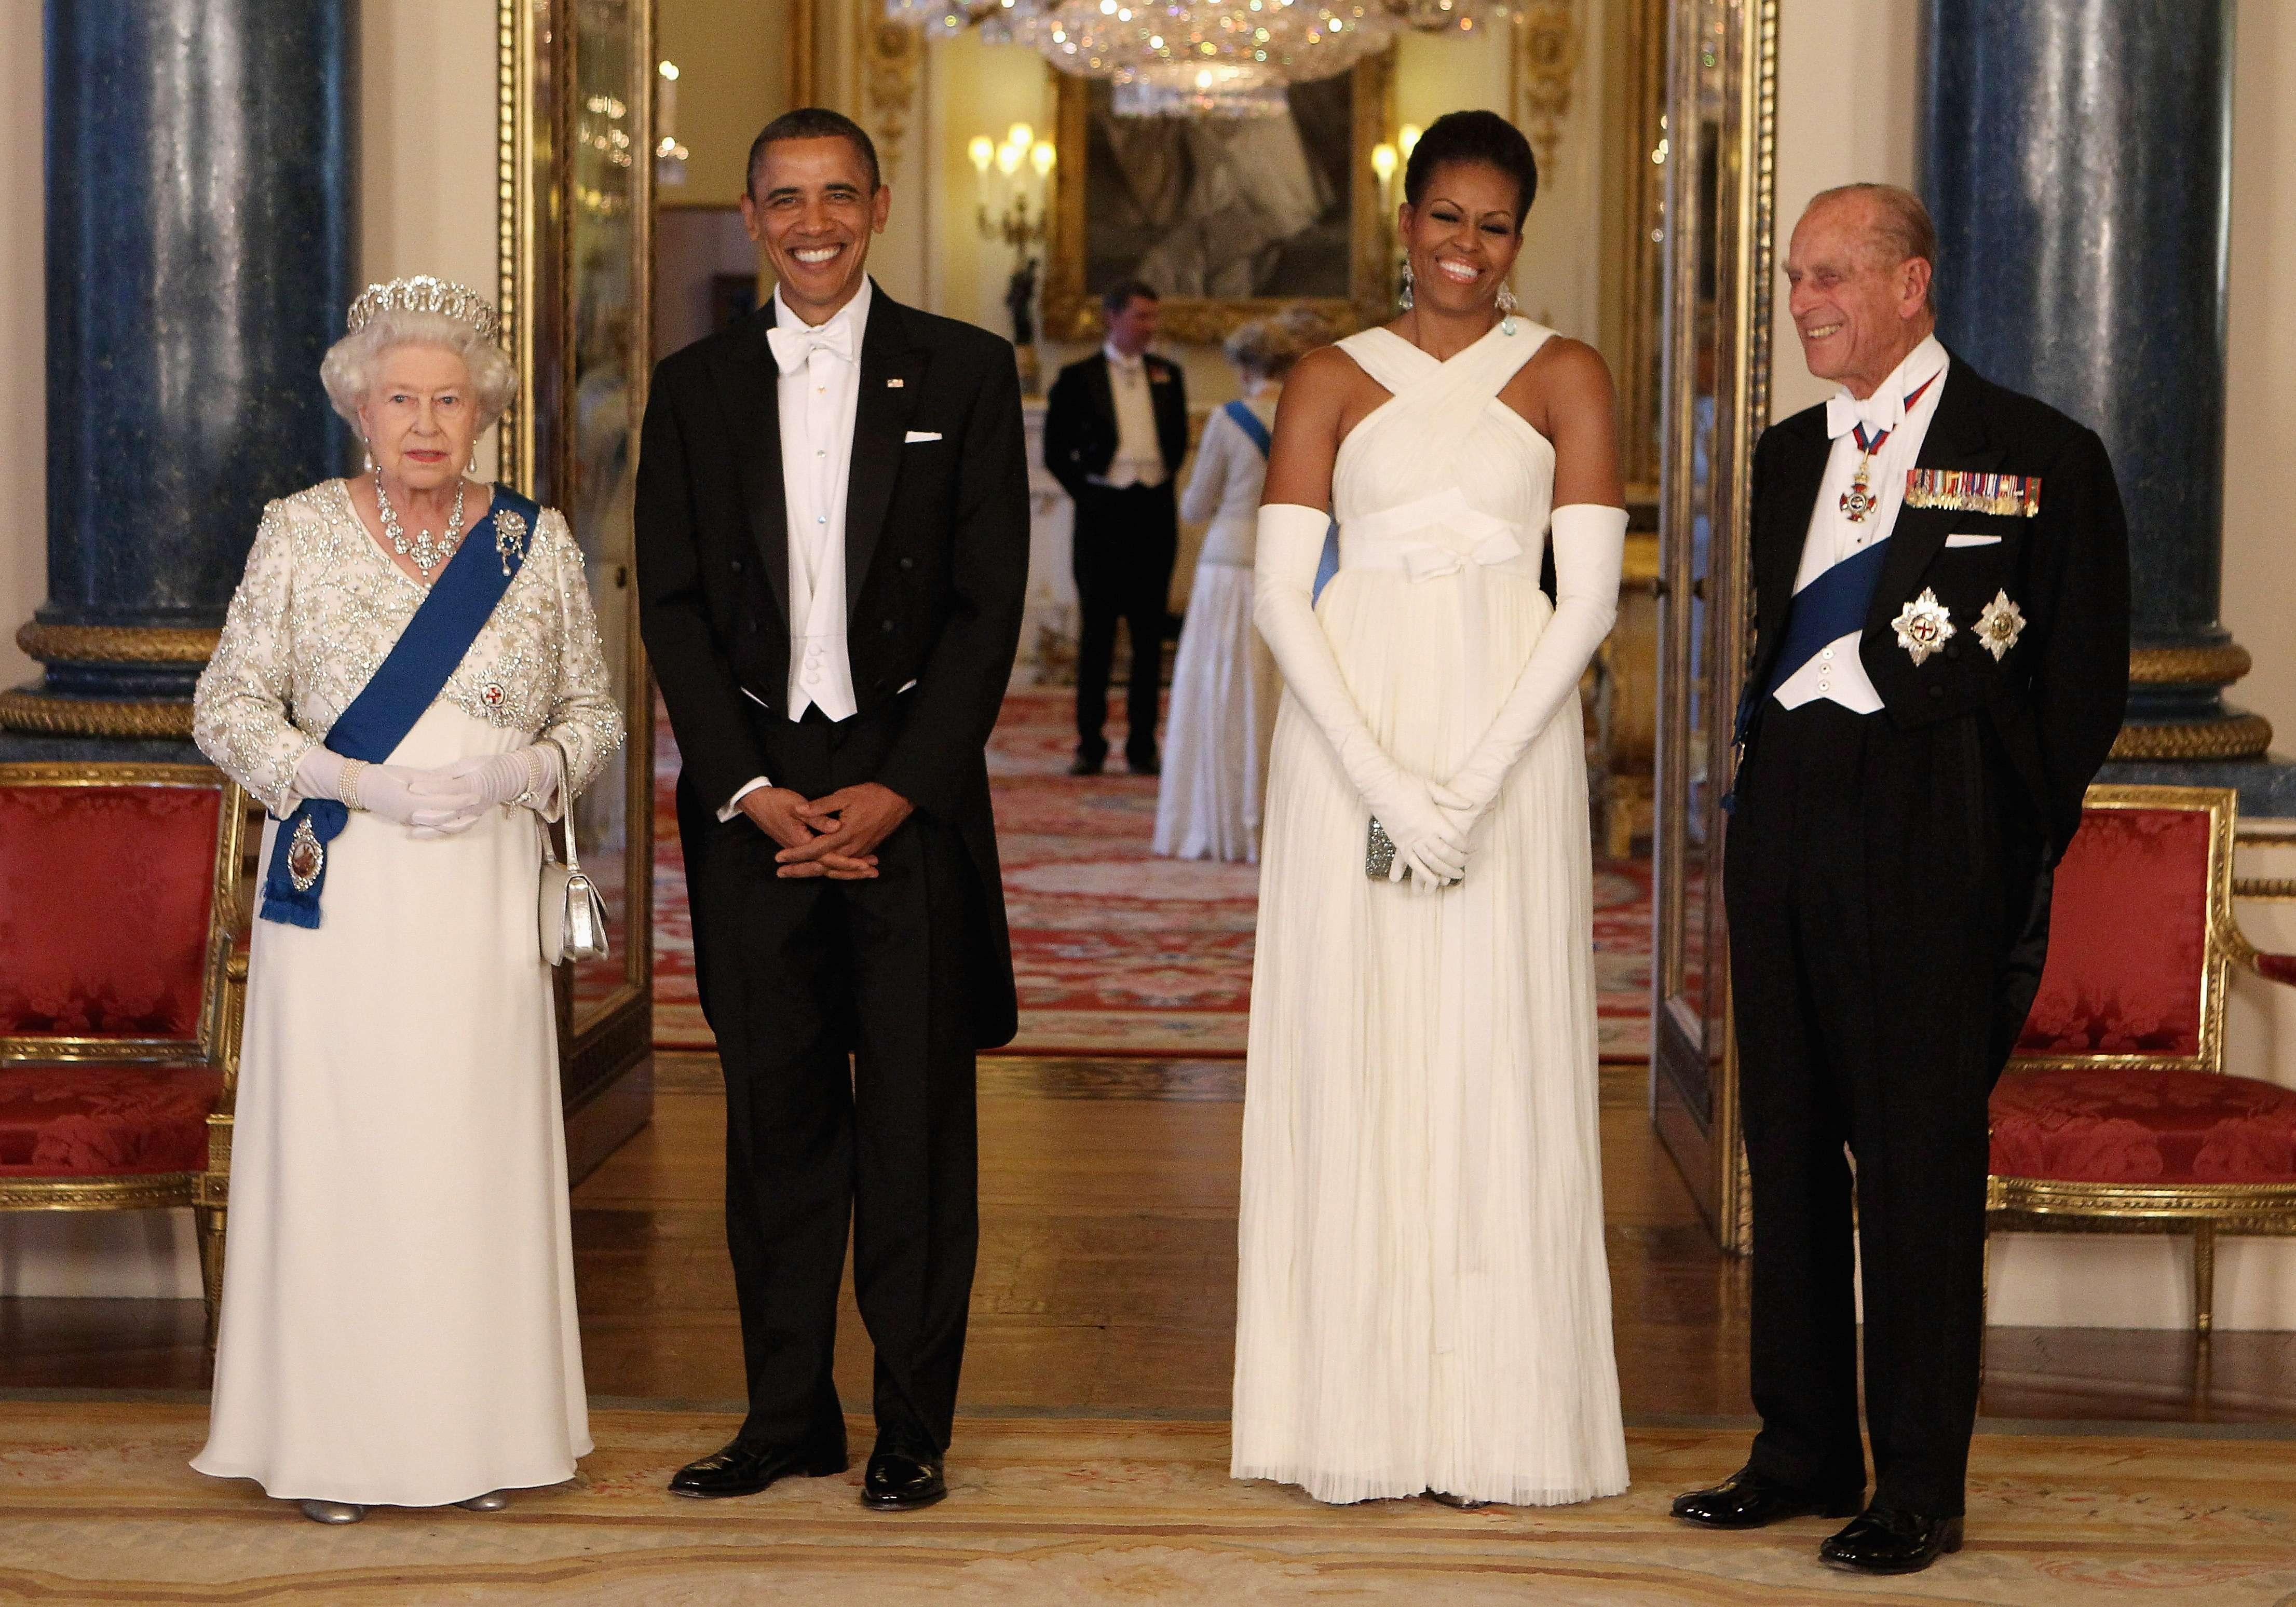 En mayo de 2011 recibió en el palacio de Buckingham al entonces presidente de Estados Unidos, Barack Obama y a la primera dama, Michelle Obama. (Archivo)